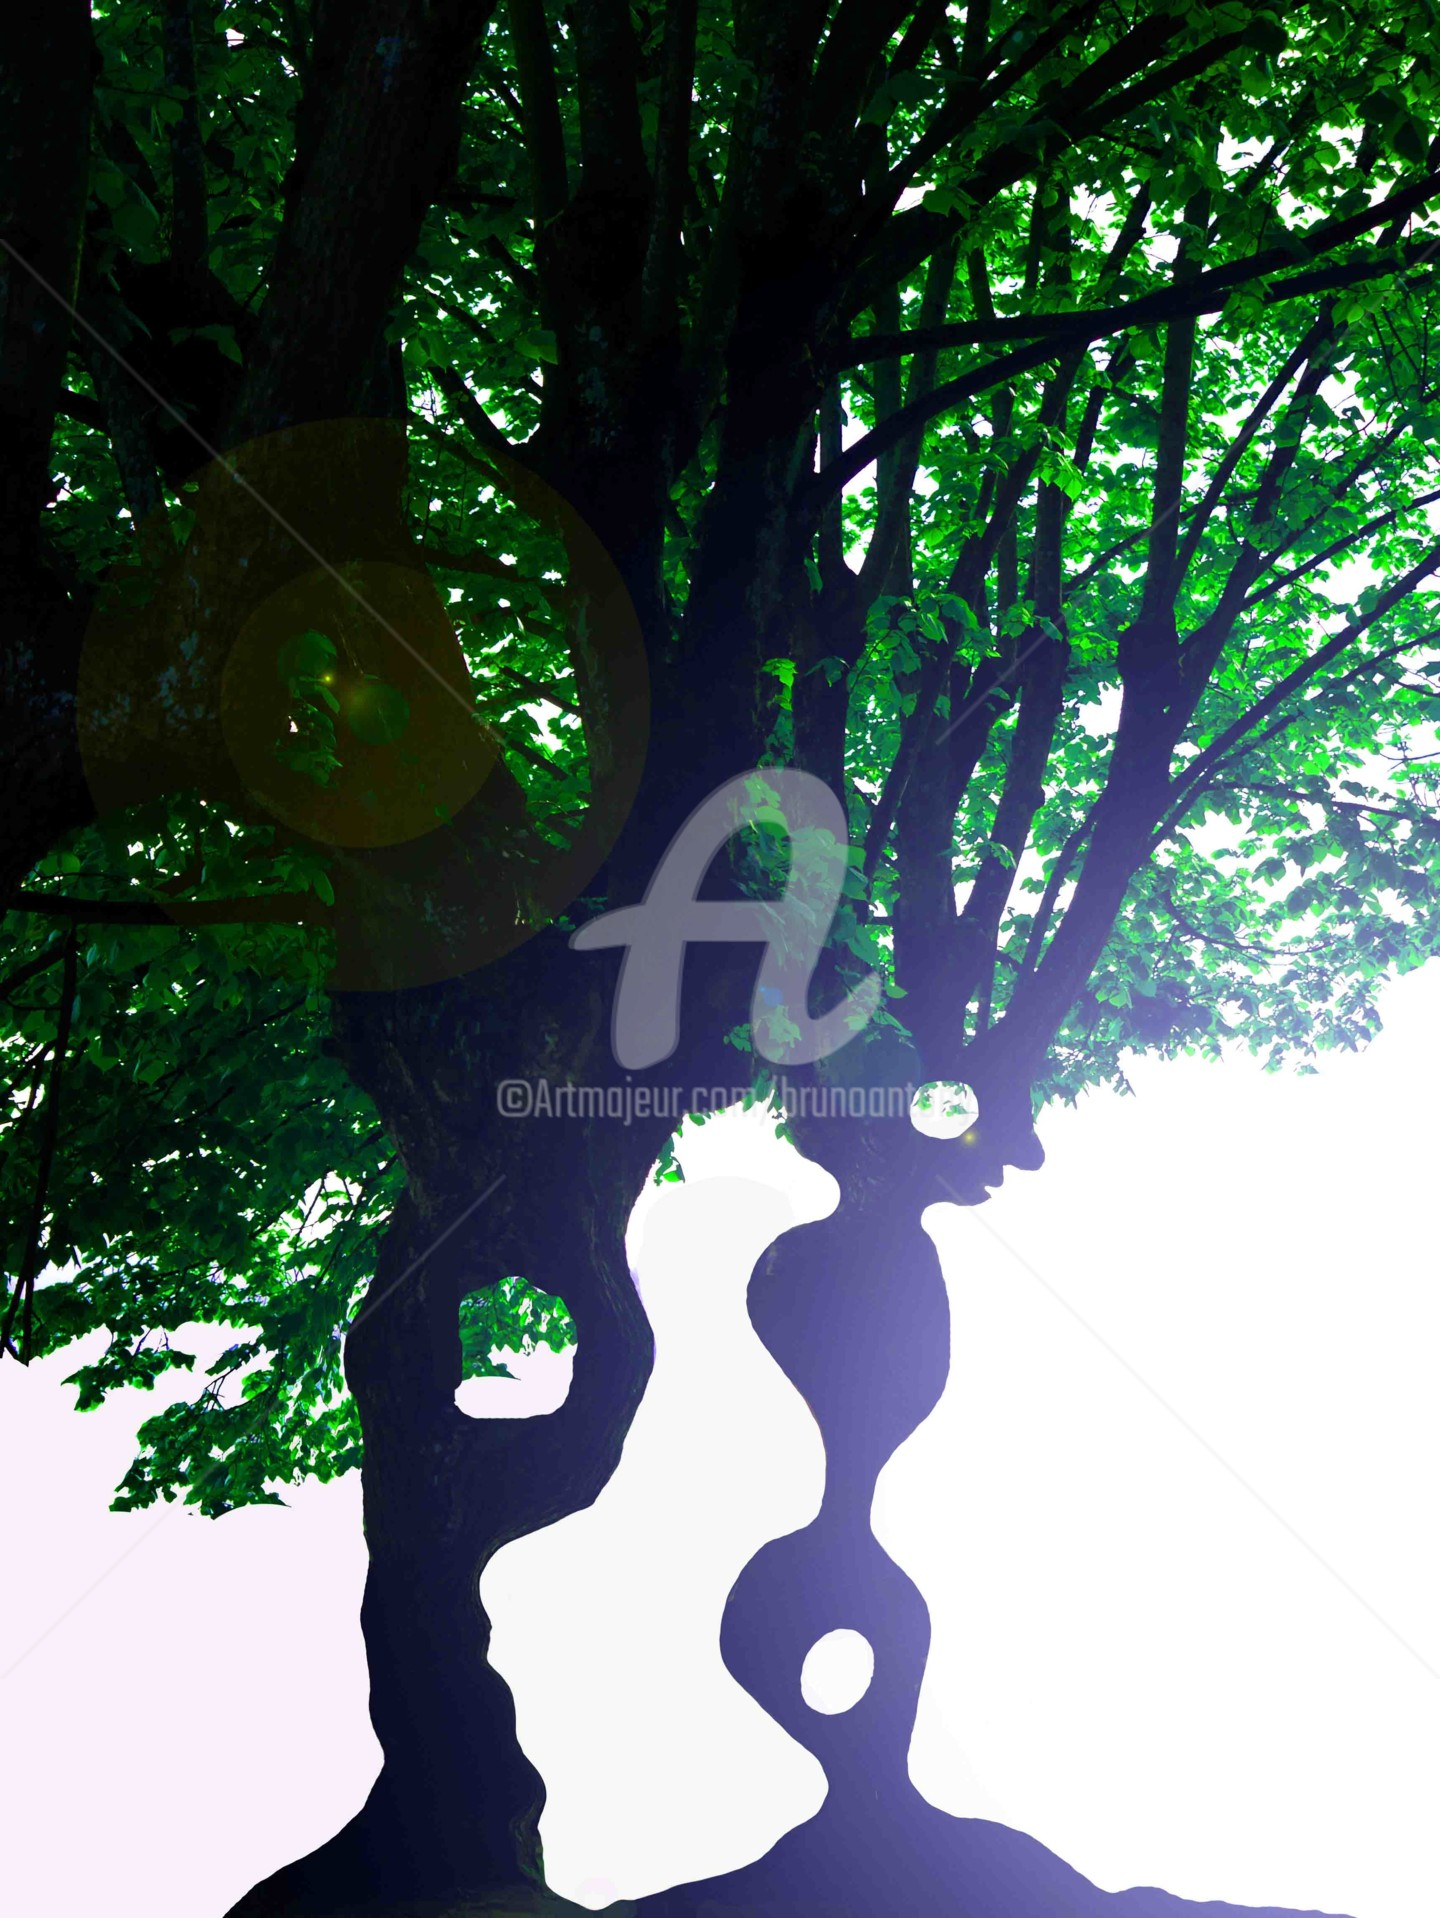 Bruno Antony-Thouret (bruno antony) - Oisarbre vers la lumière